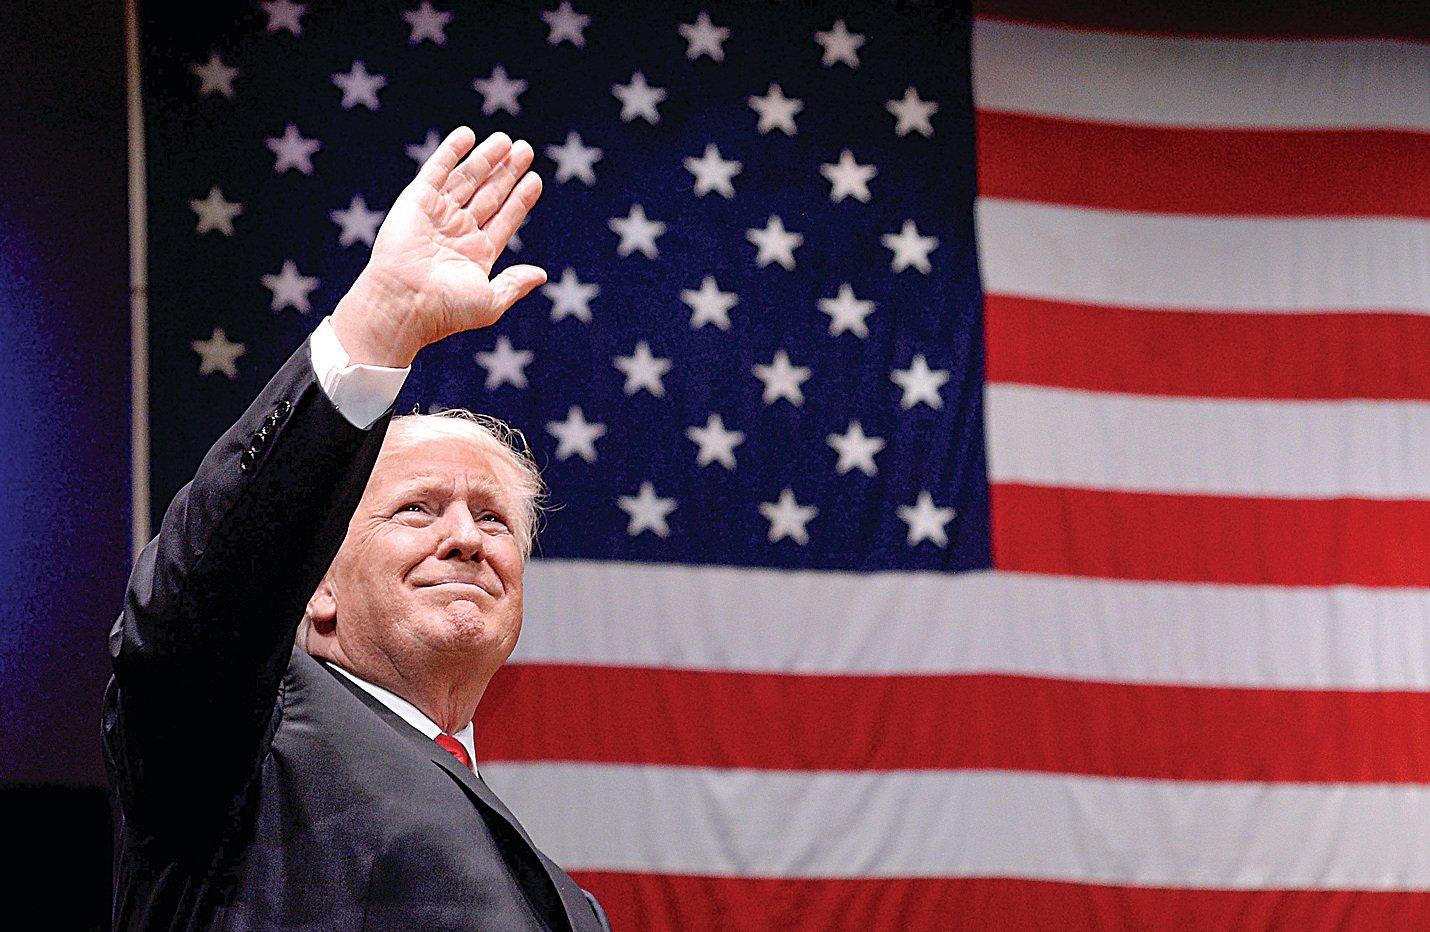 7月1日晚,特朗普總統在甘迺迪藝術中心出席「自由集會」並演講,慶祝即將到來的美國獨立日。 (Getty Images)